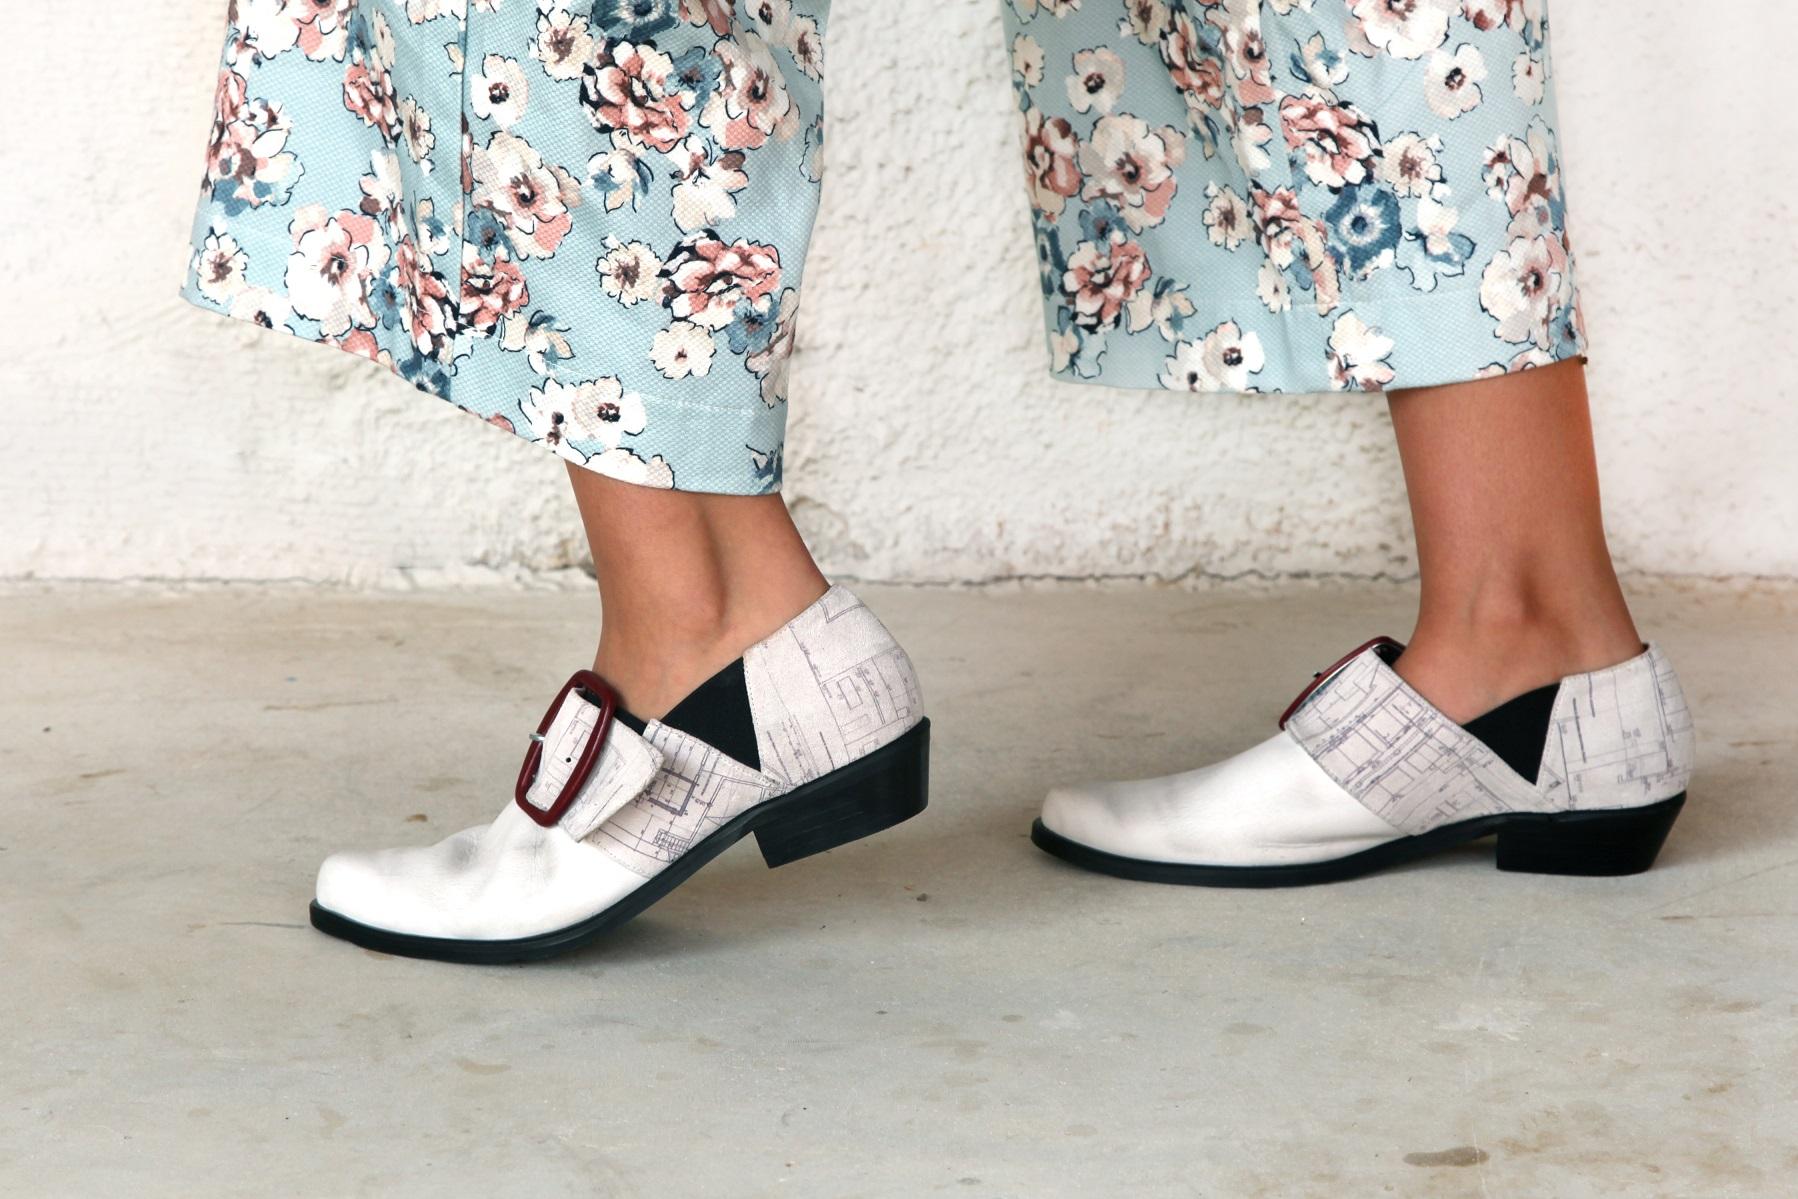 אורן וקסלר נעליים דגם ג'ובאני. צילום: אורן וקסלר